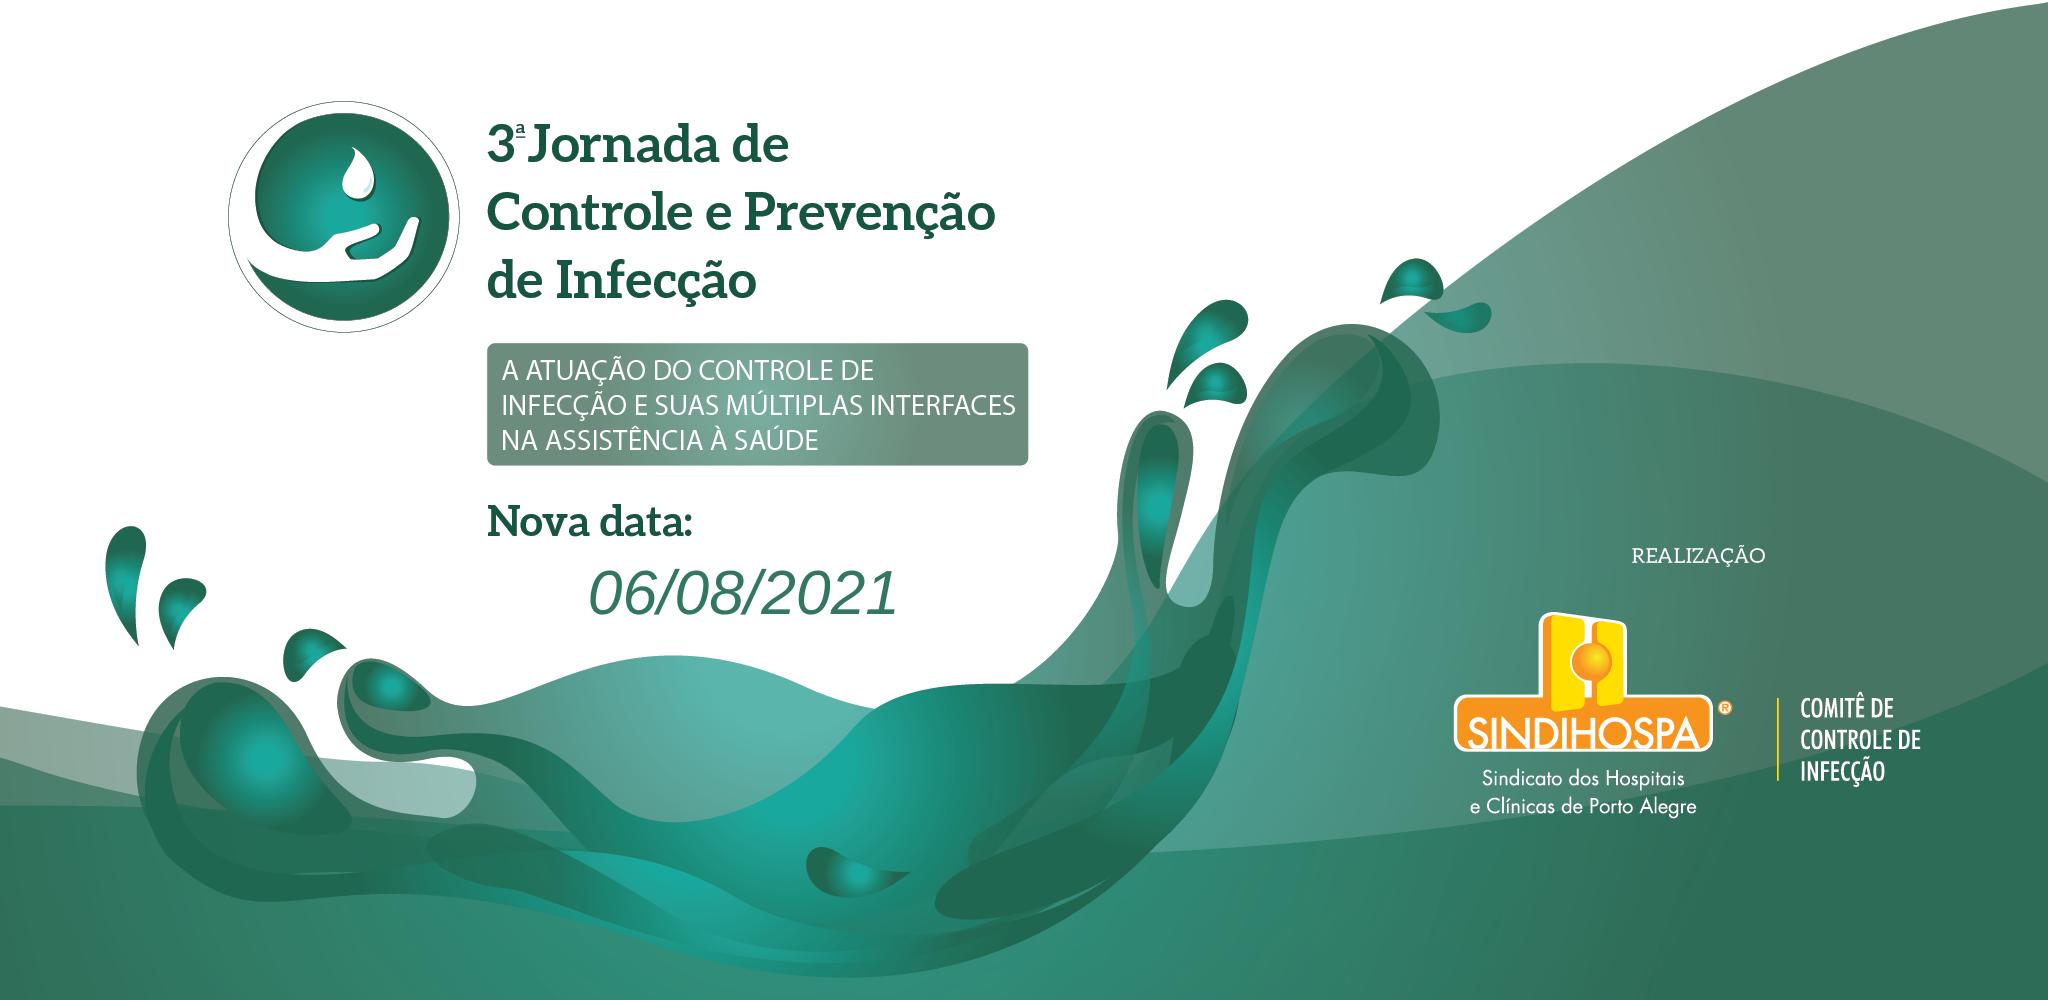 3ª Jornada de Controle e Prevenção de Infecção